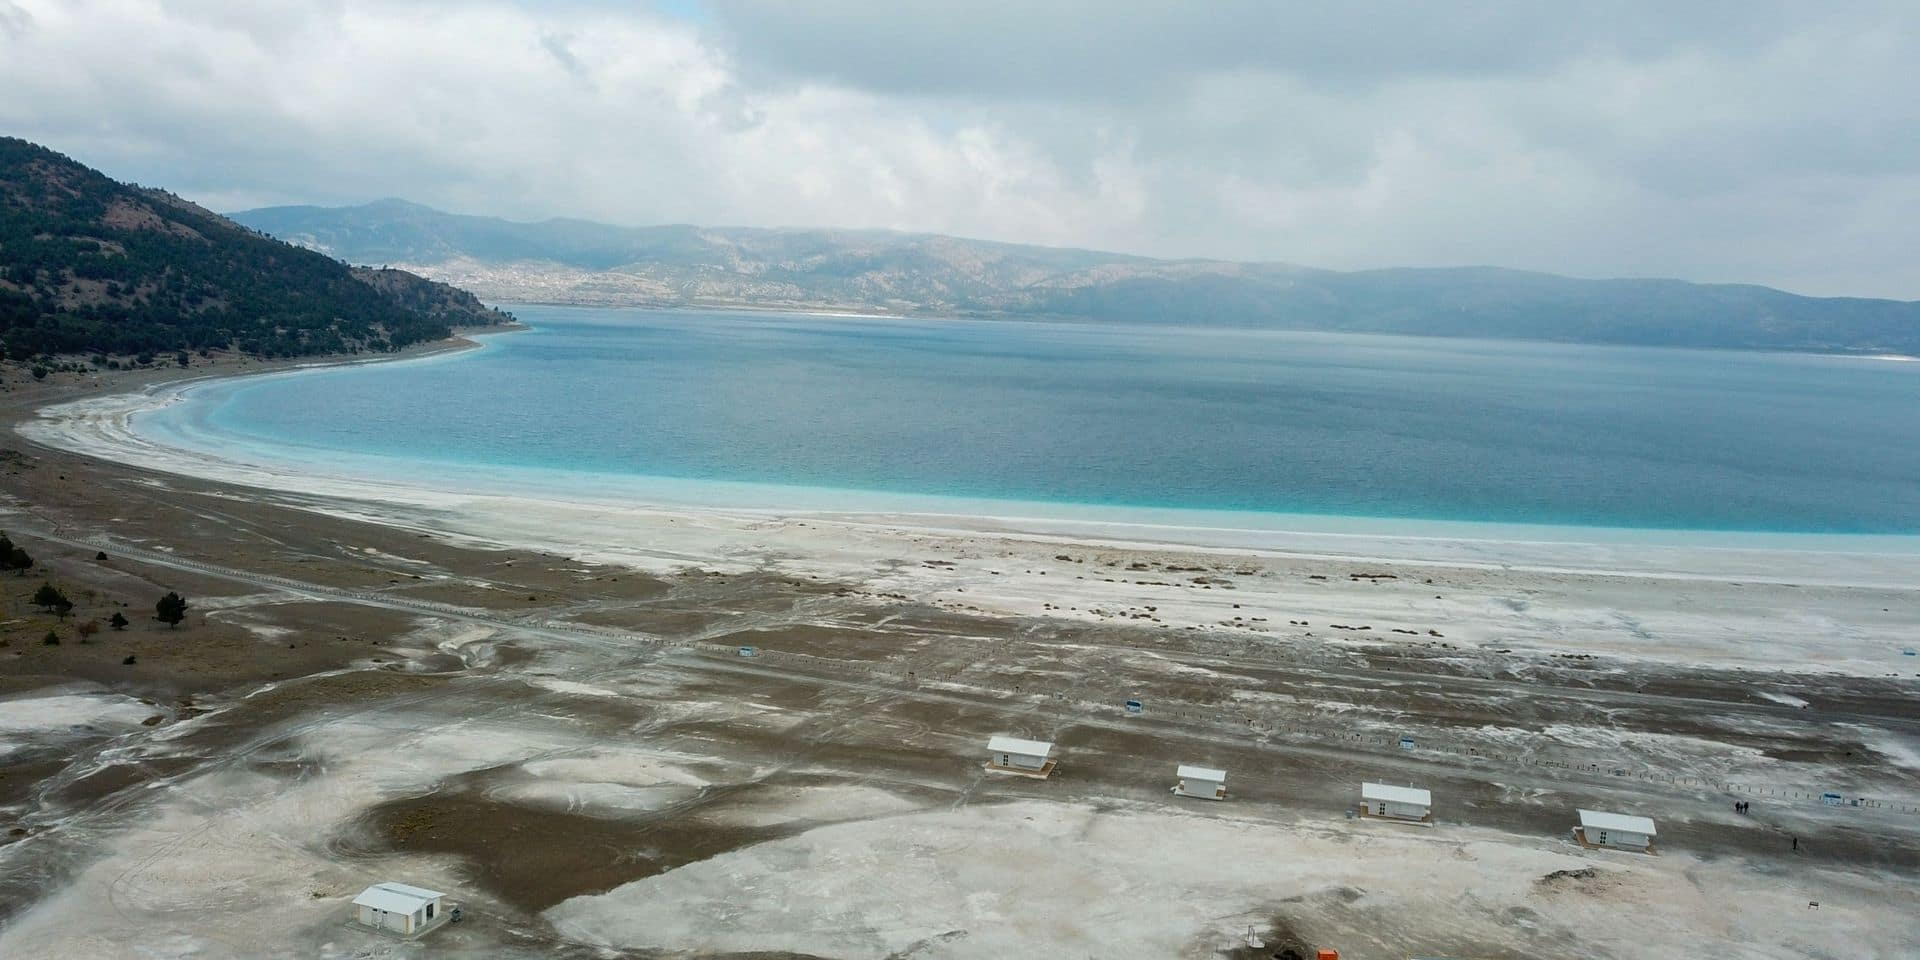 Turquie: un lac unique au monde menacé par sa popularité